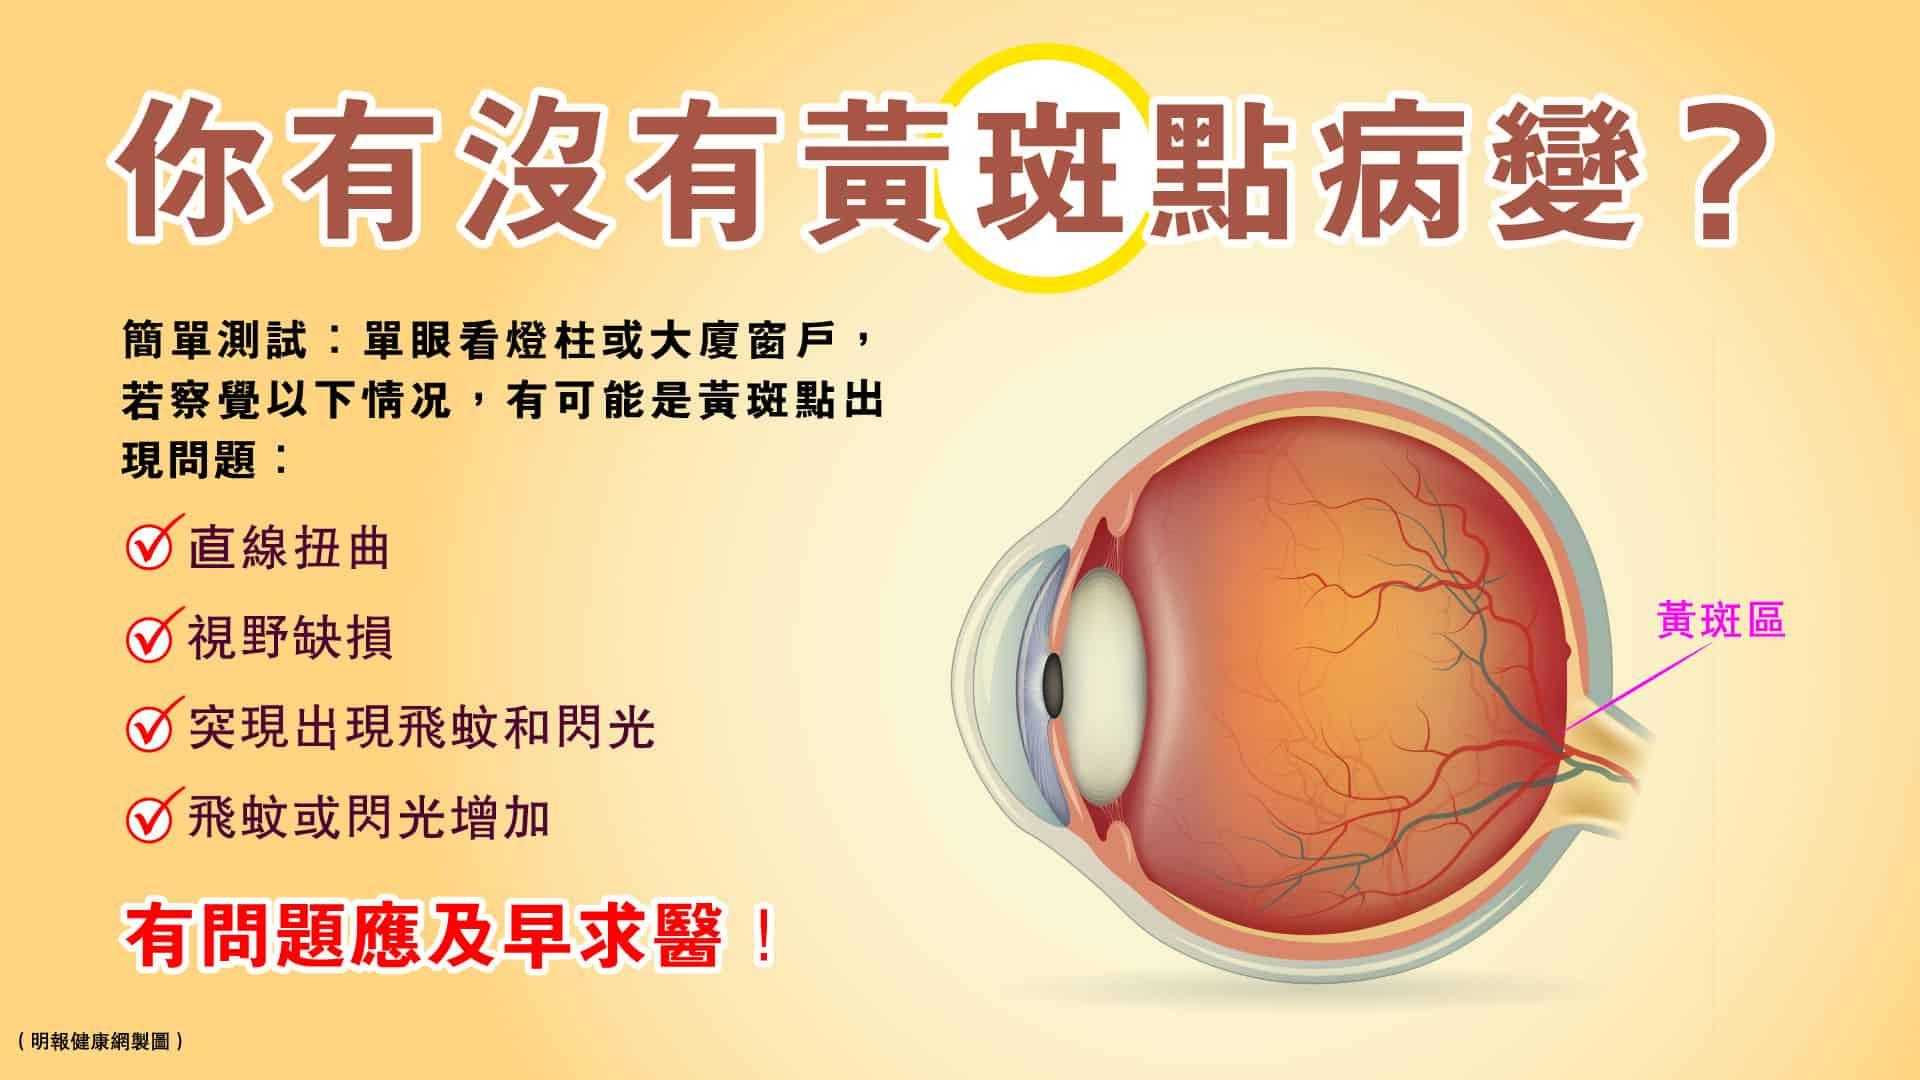 黃斑點病變可以導致視力模糊、視力下降、扭曲變形,甚至失明!一旦出現以下情况,應盡快求醫。